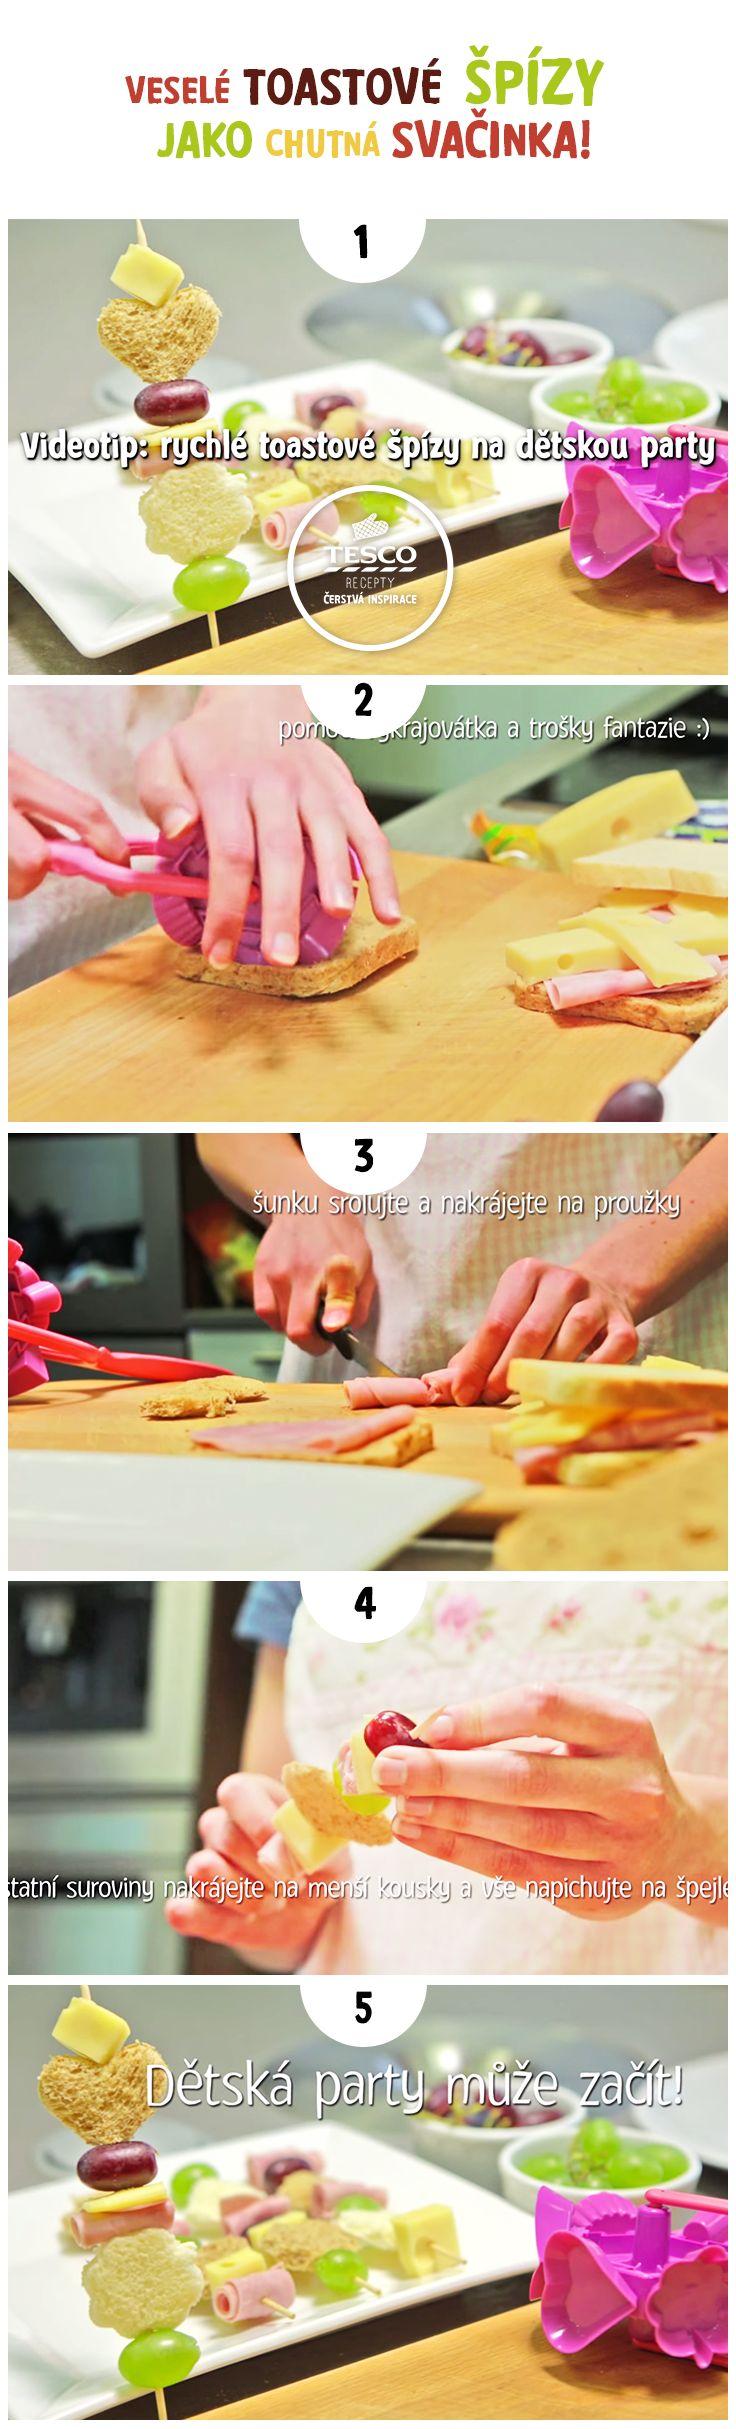 Objevte úžasně veselé toastové špízy a připravte je jako chutnou svačinku!